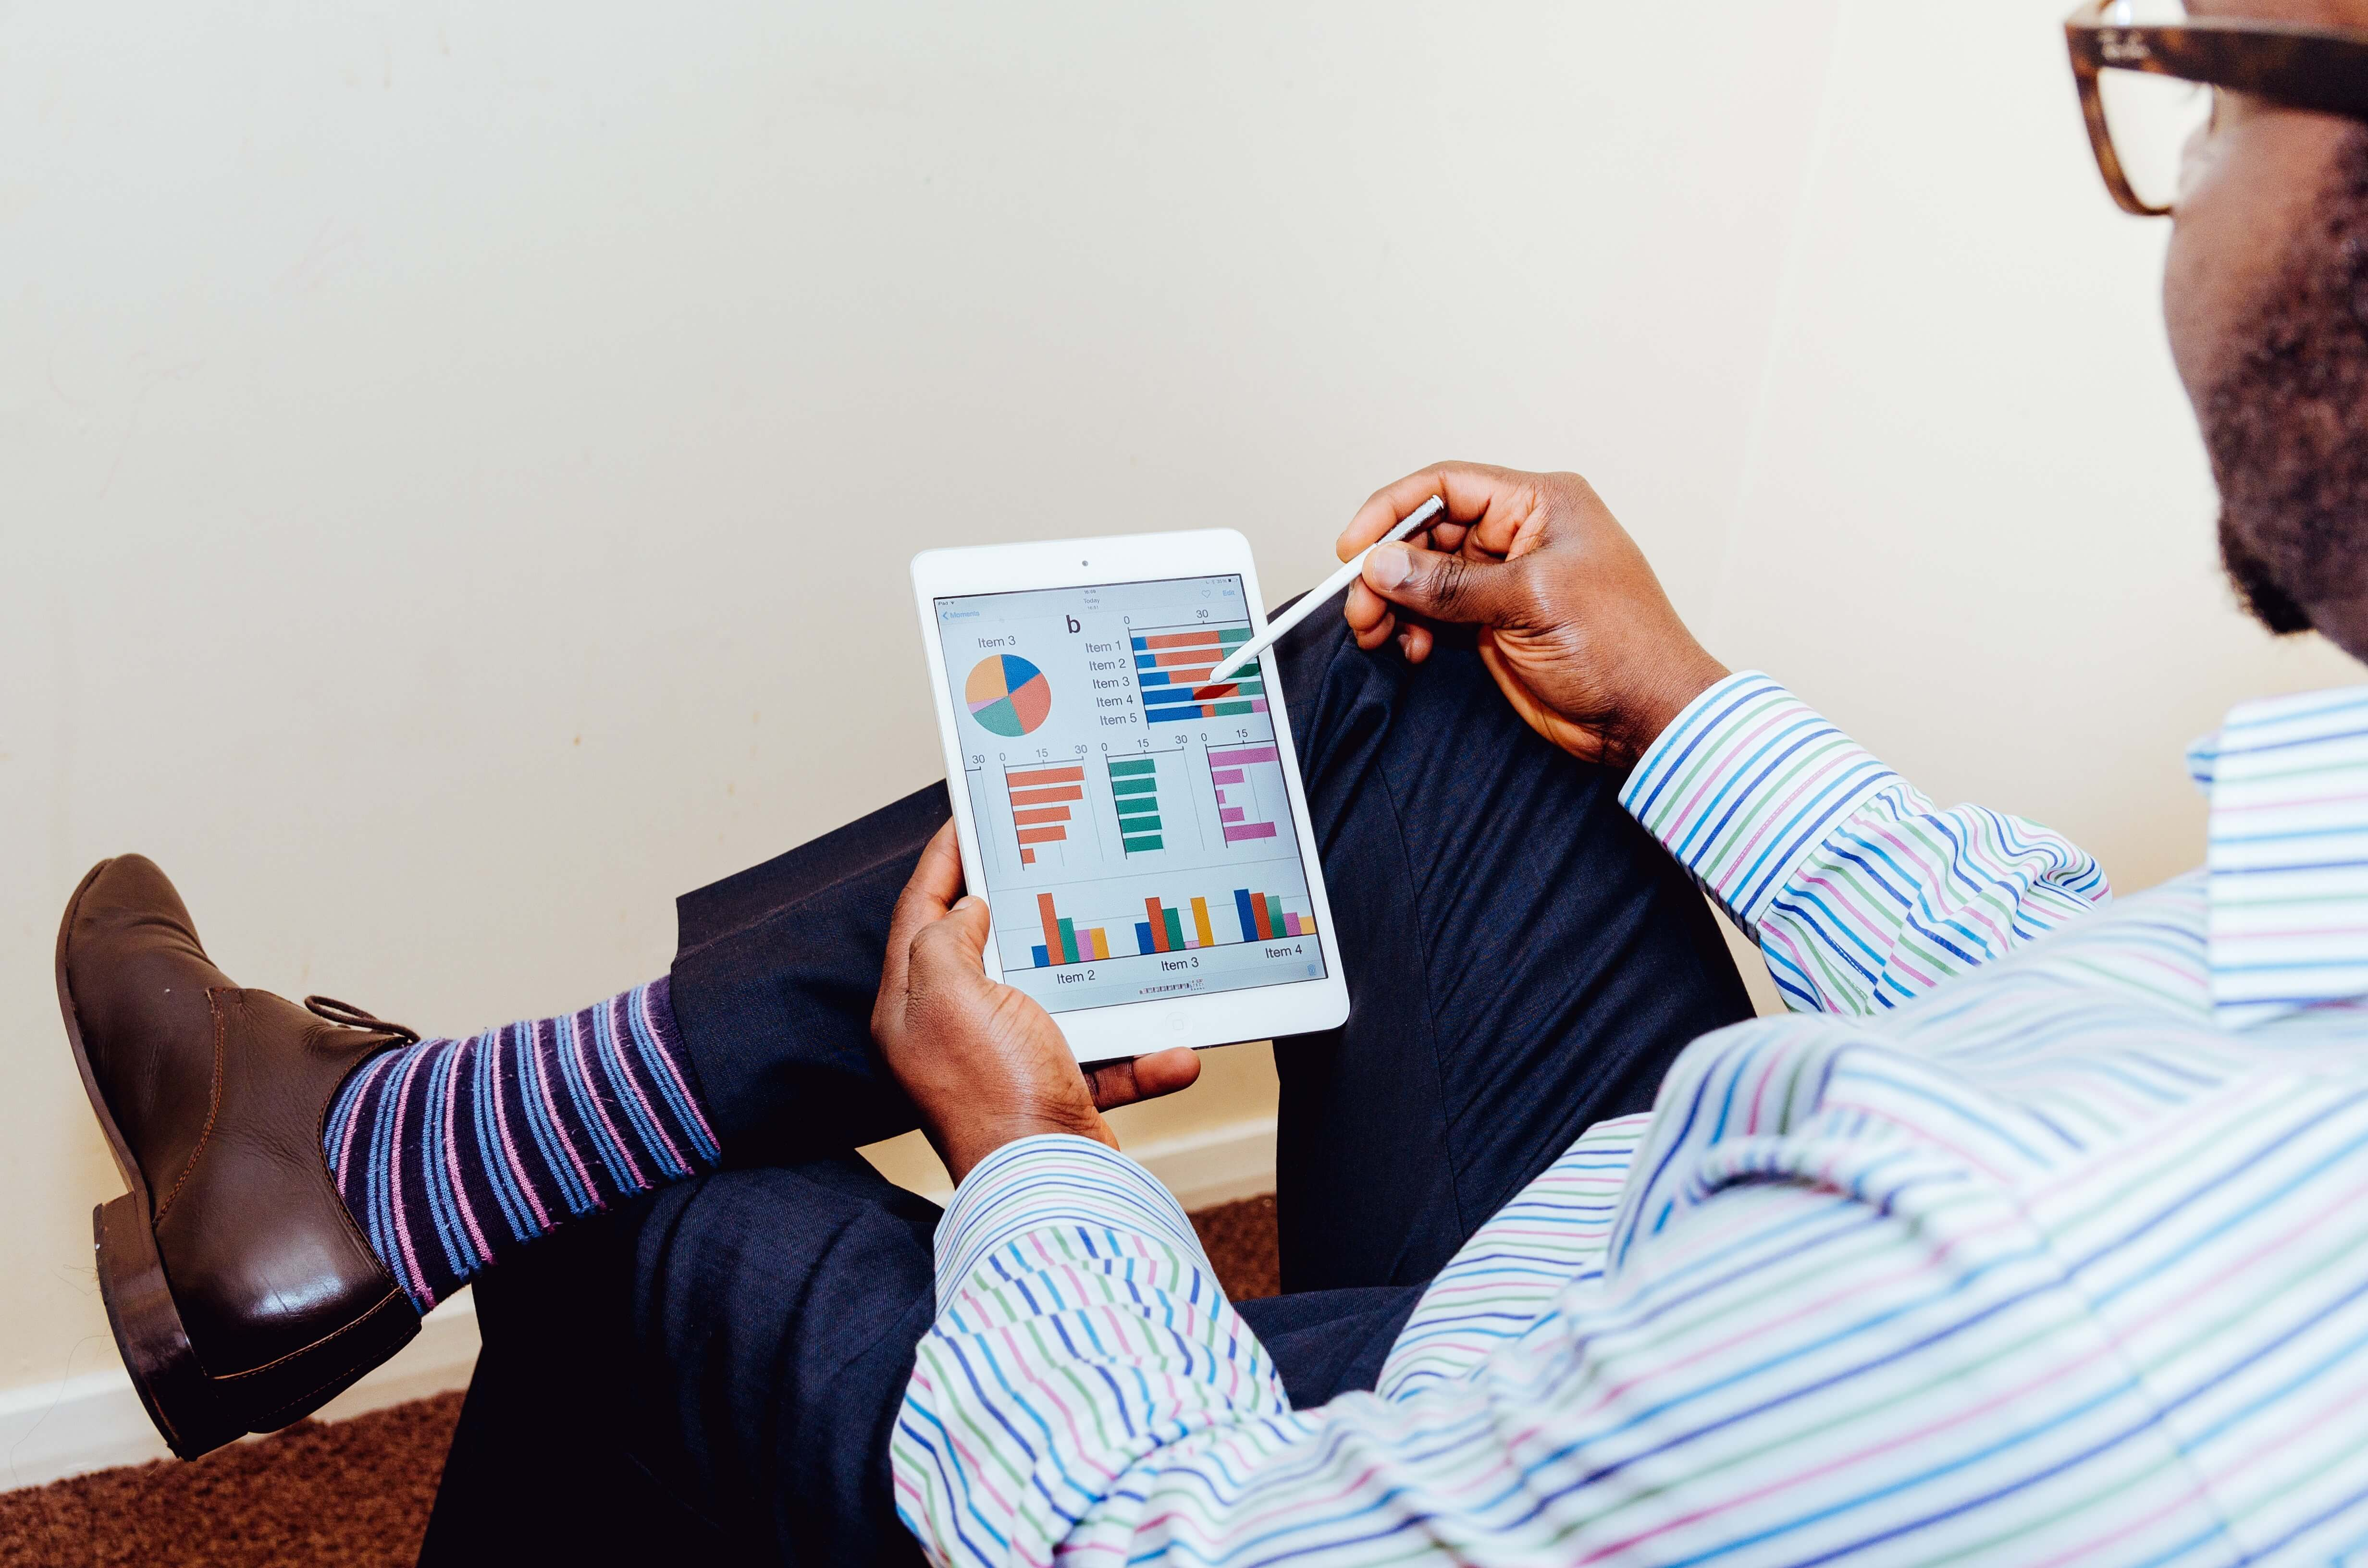 不動産売却時の見積もり方法は対象物件や目的によって異なる